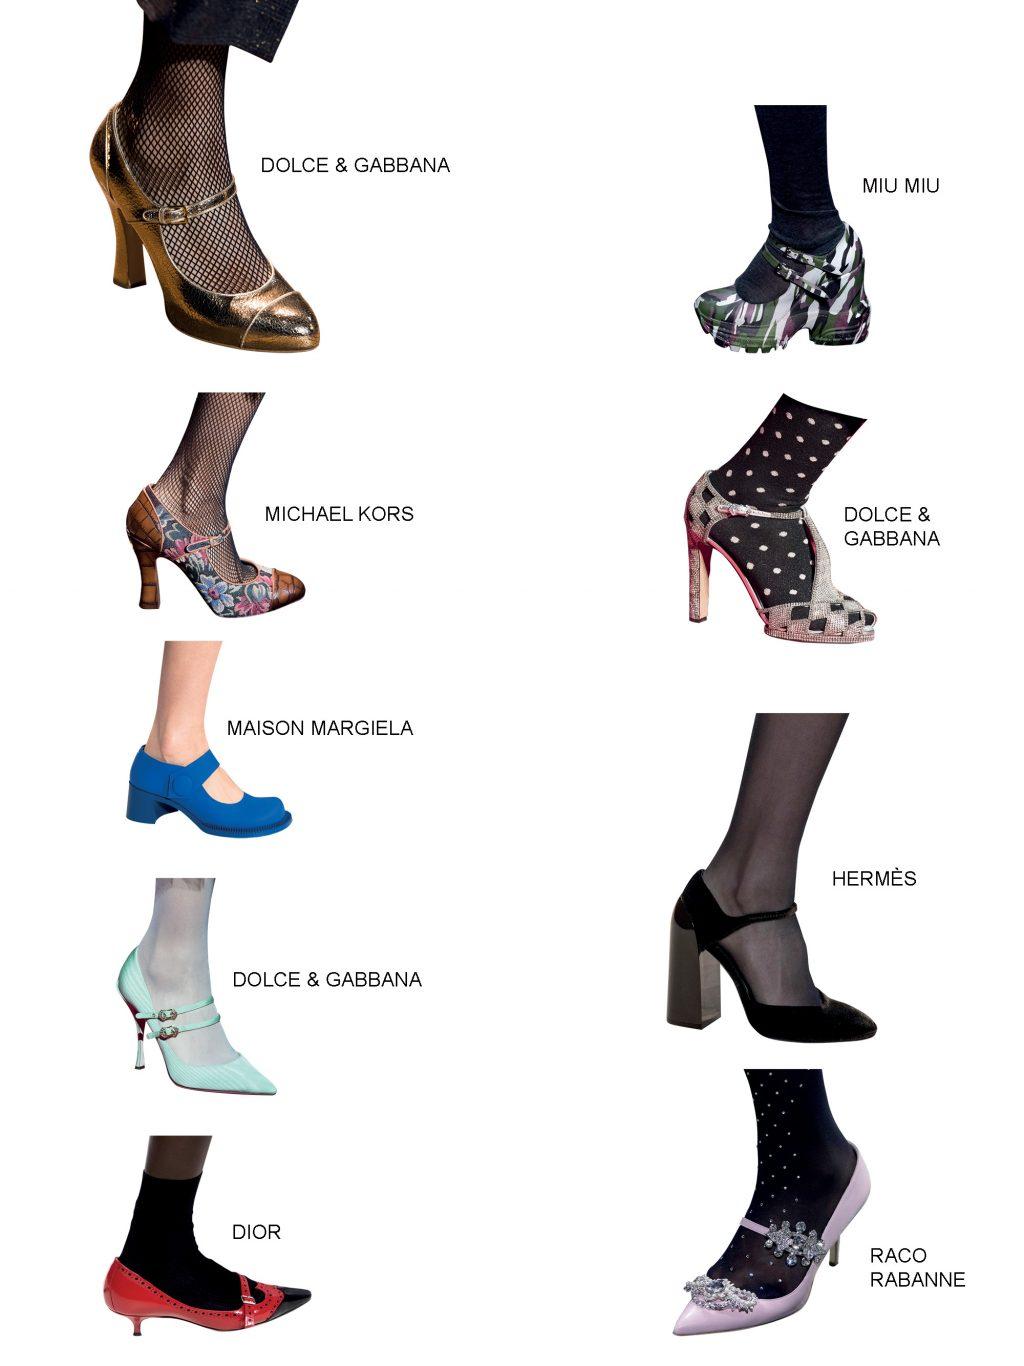 xu hướng phụ kiện giày mary jane